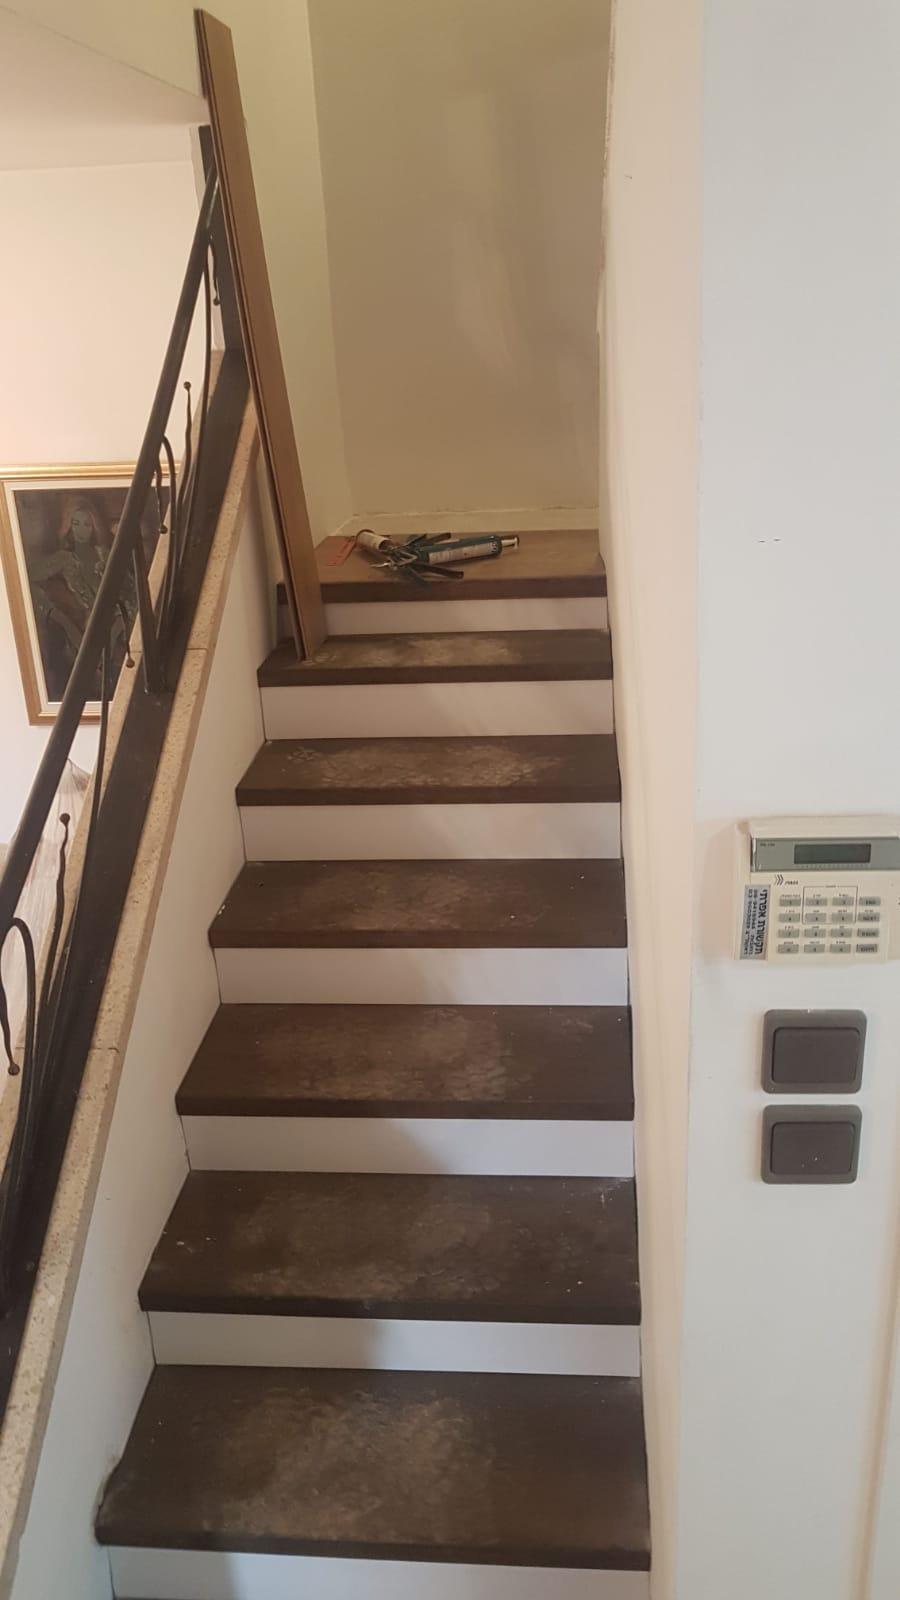 מדרגות בוטשר בגוון מעושן